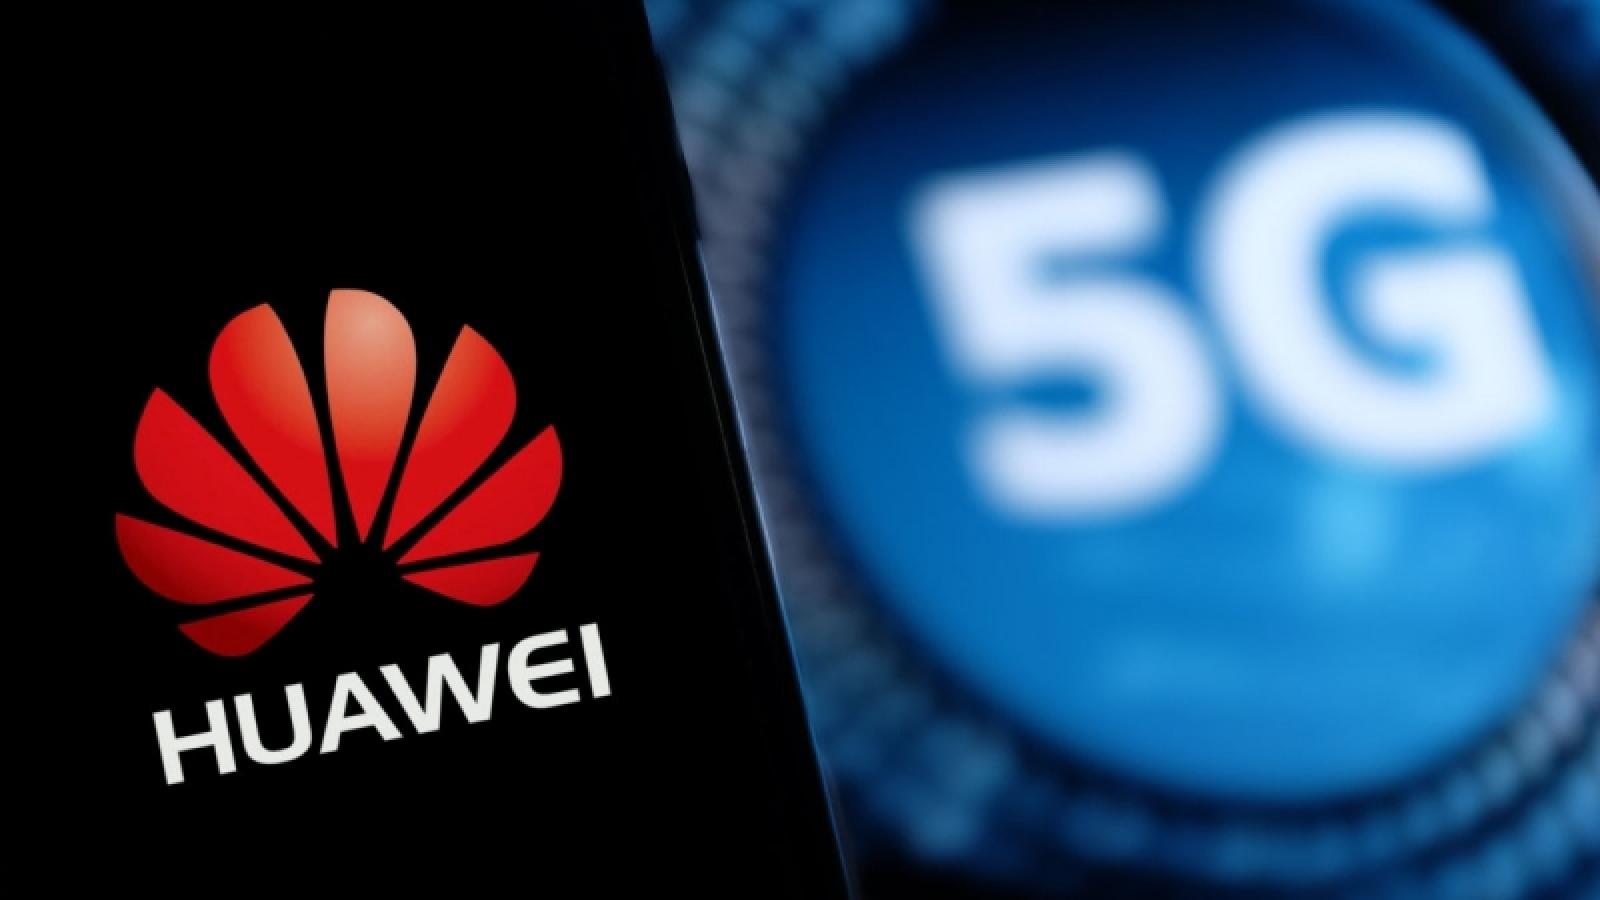 Romaniachính thức ban hành luật cấm sử dụng công nghệ 5G từ Huawei